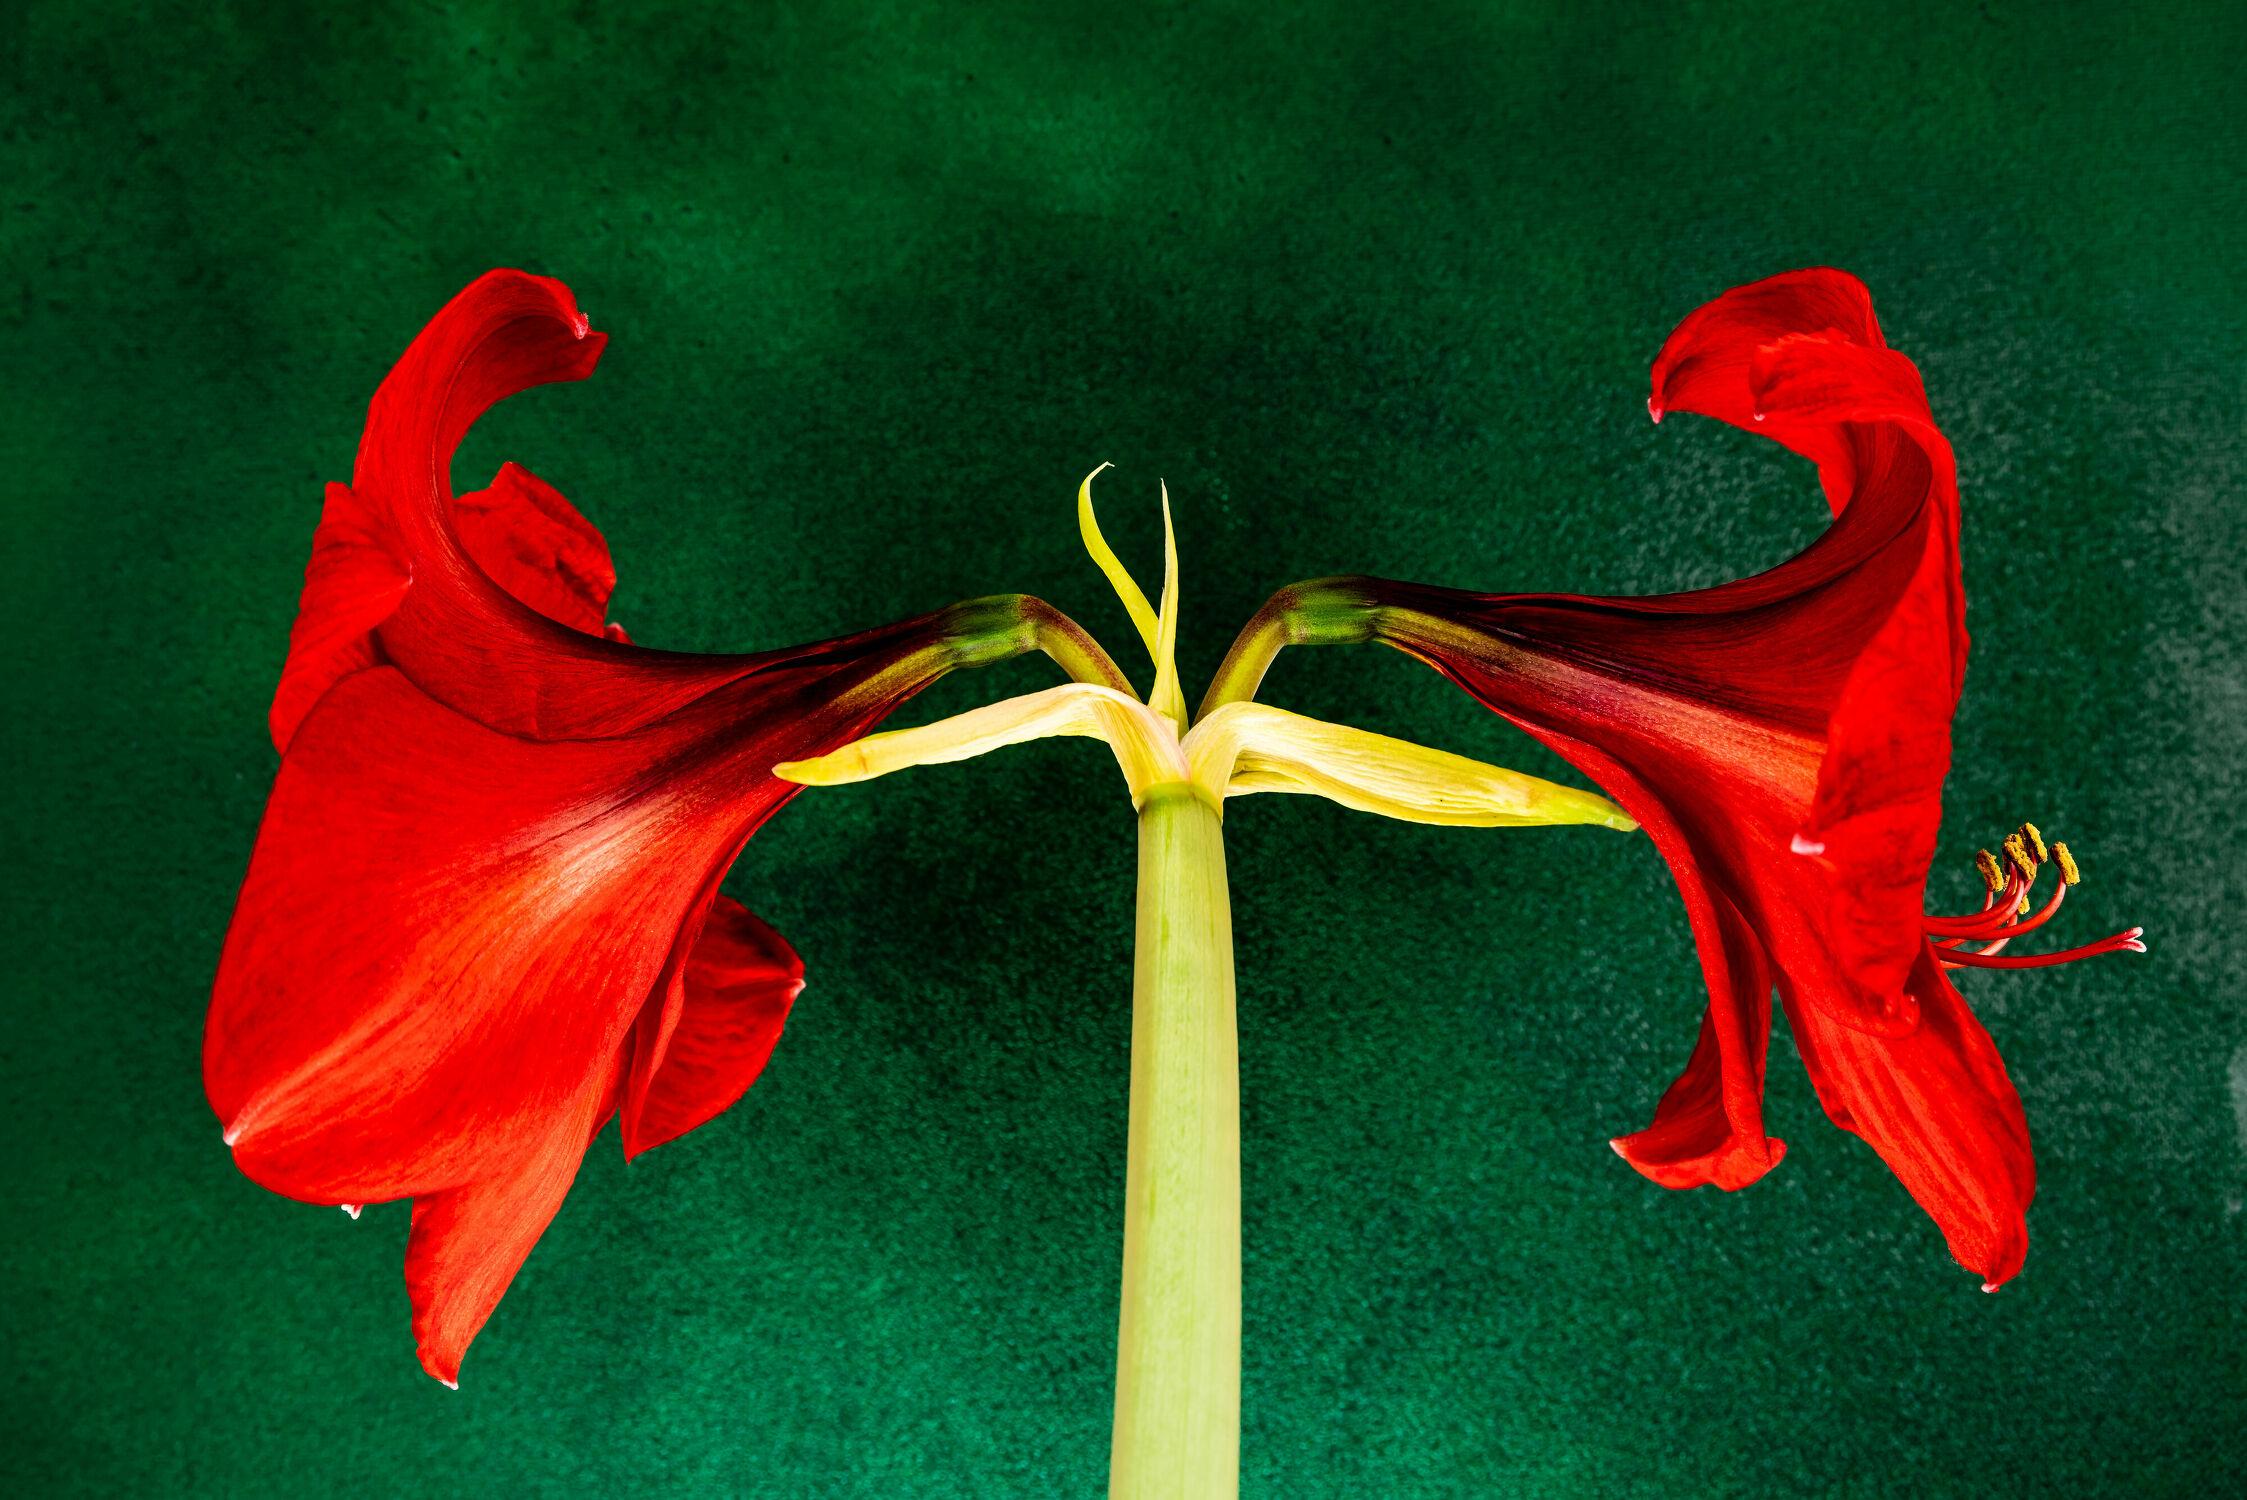 Bild mit Natur, Grün, Pflanzen, Jahreszeiten, Rot, Blume, Makro, Licht, garten, blüte, nahaufnahme, Schatten, Stengel, Amaryllis, Stiel